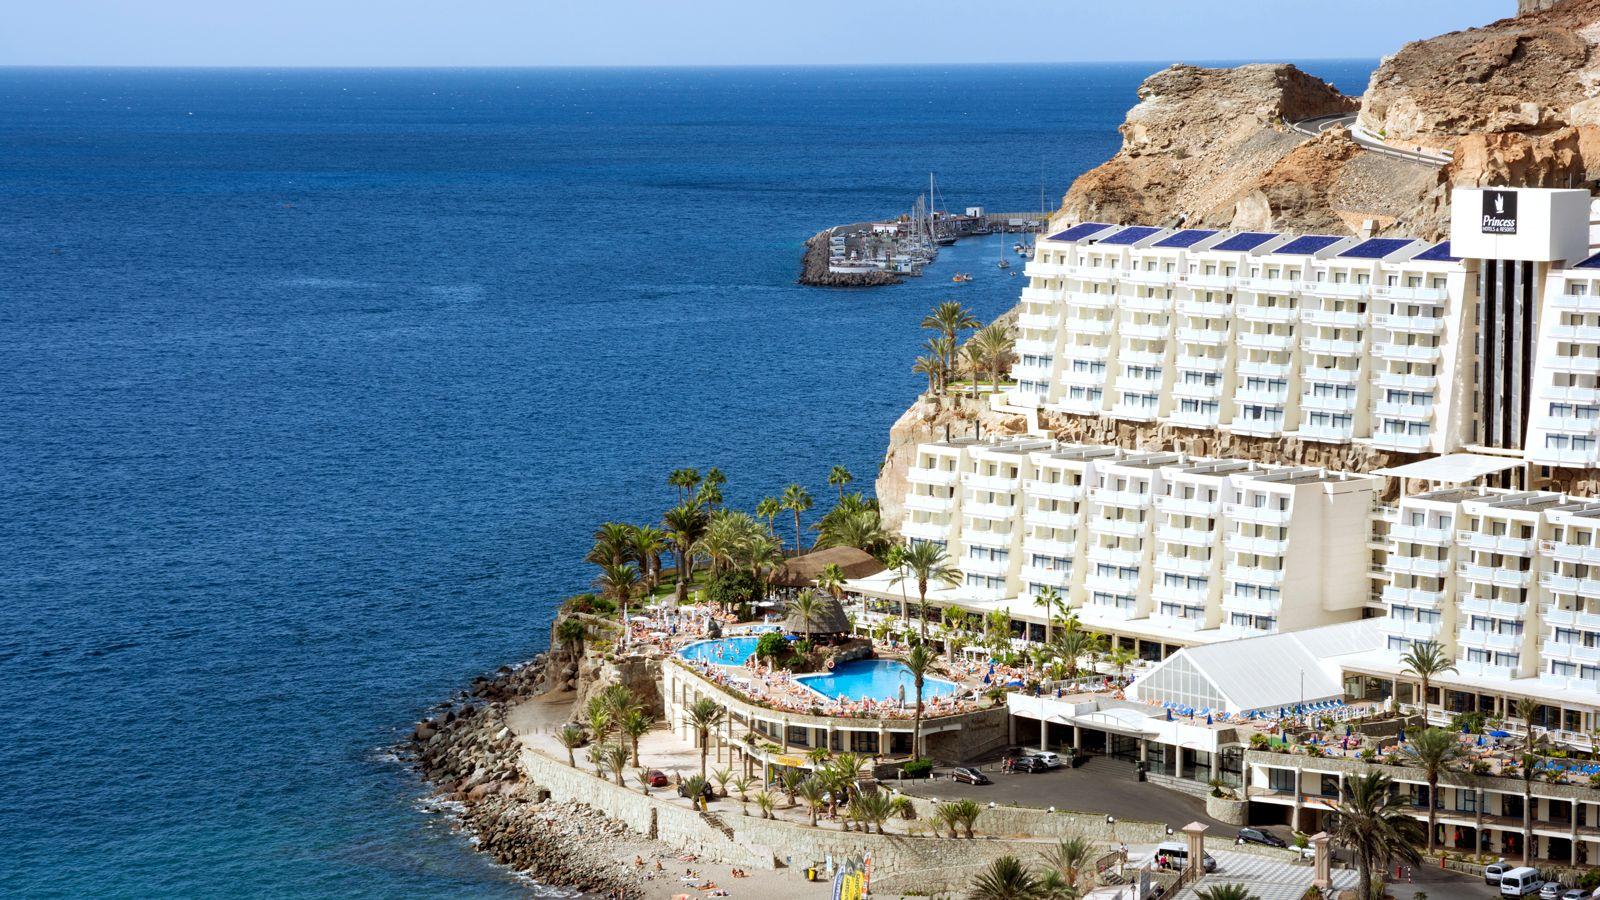 Bezahlbarer luxus suite mit meerblick f r 7 tage im 4 sterne hotel auf gran canaria flug ab 477 for Hotels auf juist 4 sterne